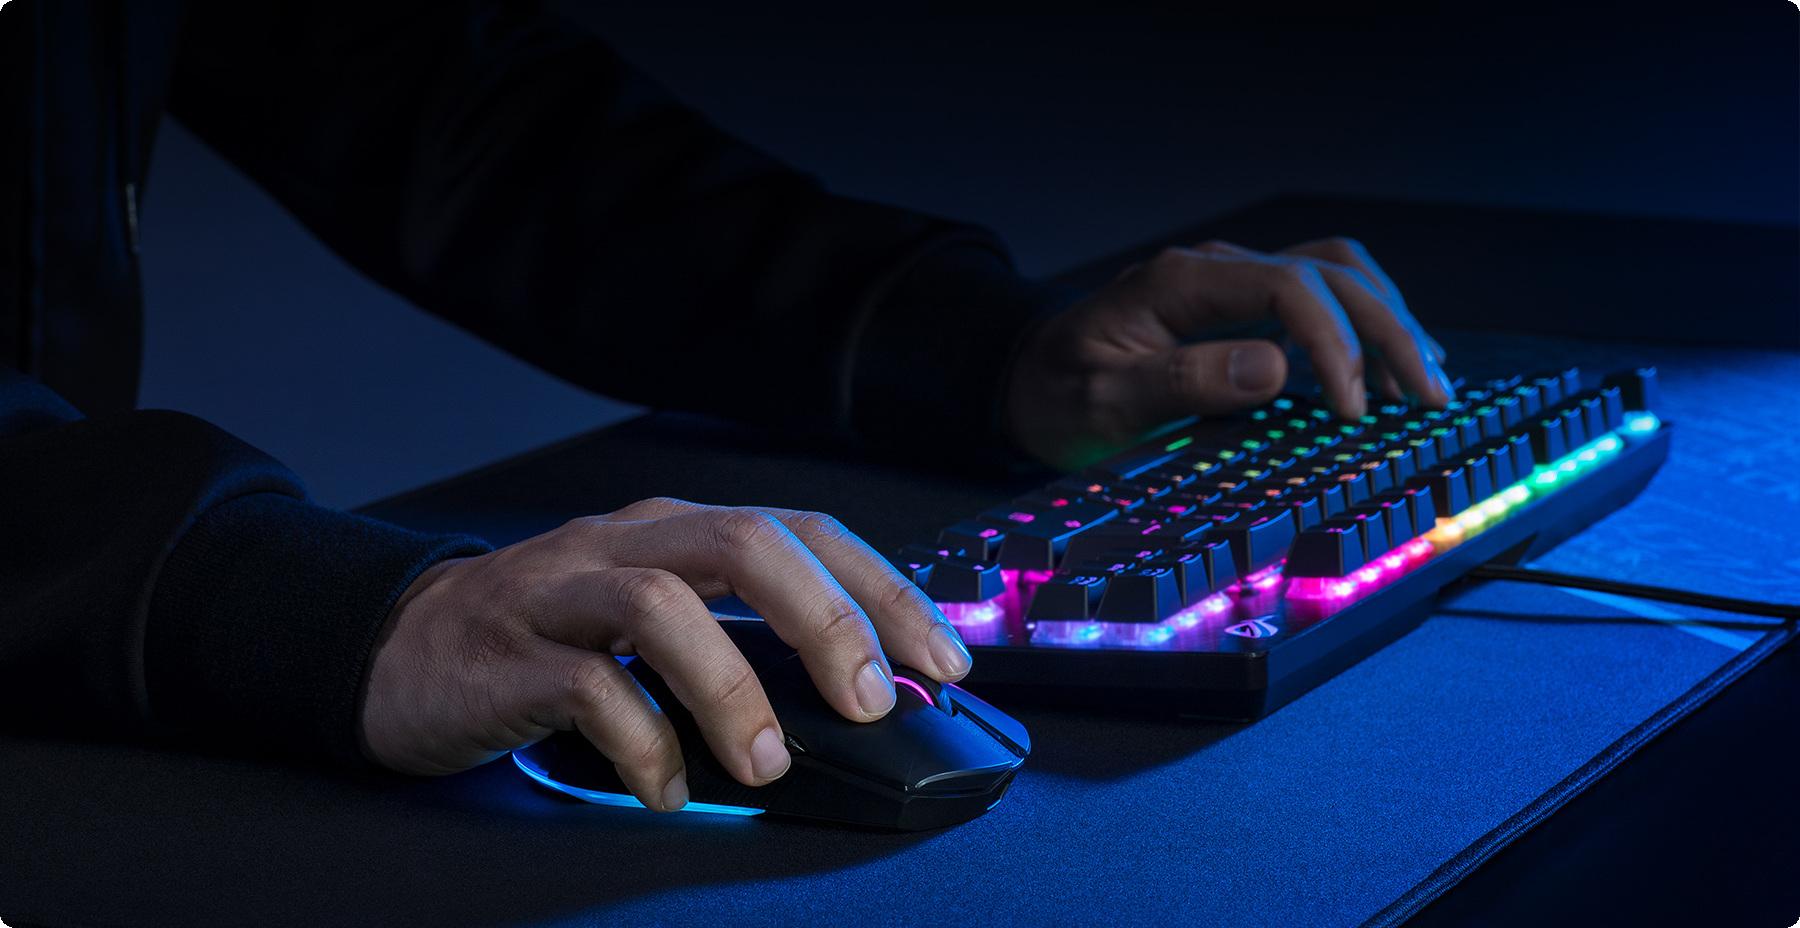 Chuột Game ROG Pugio II đem tới sự linh hoạt toàn diện